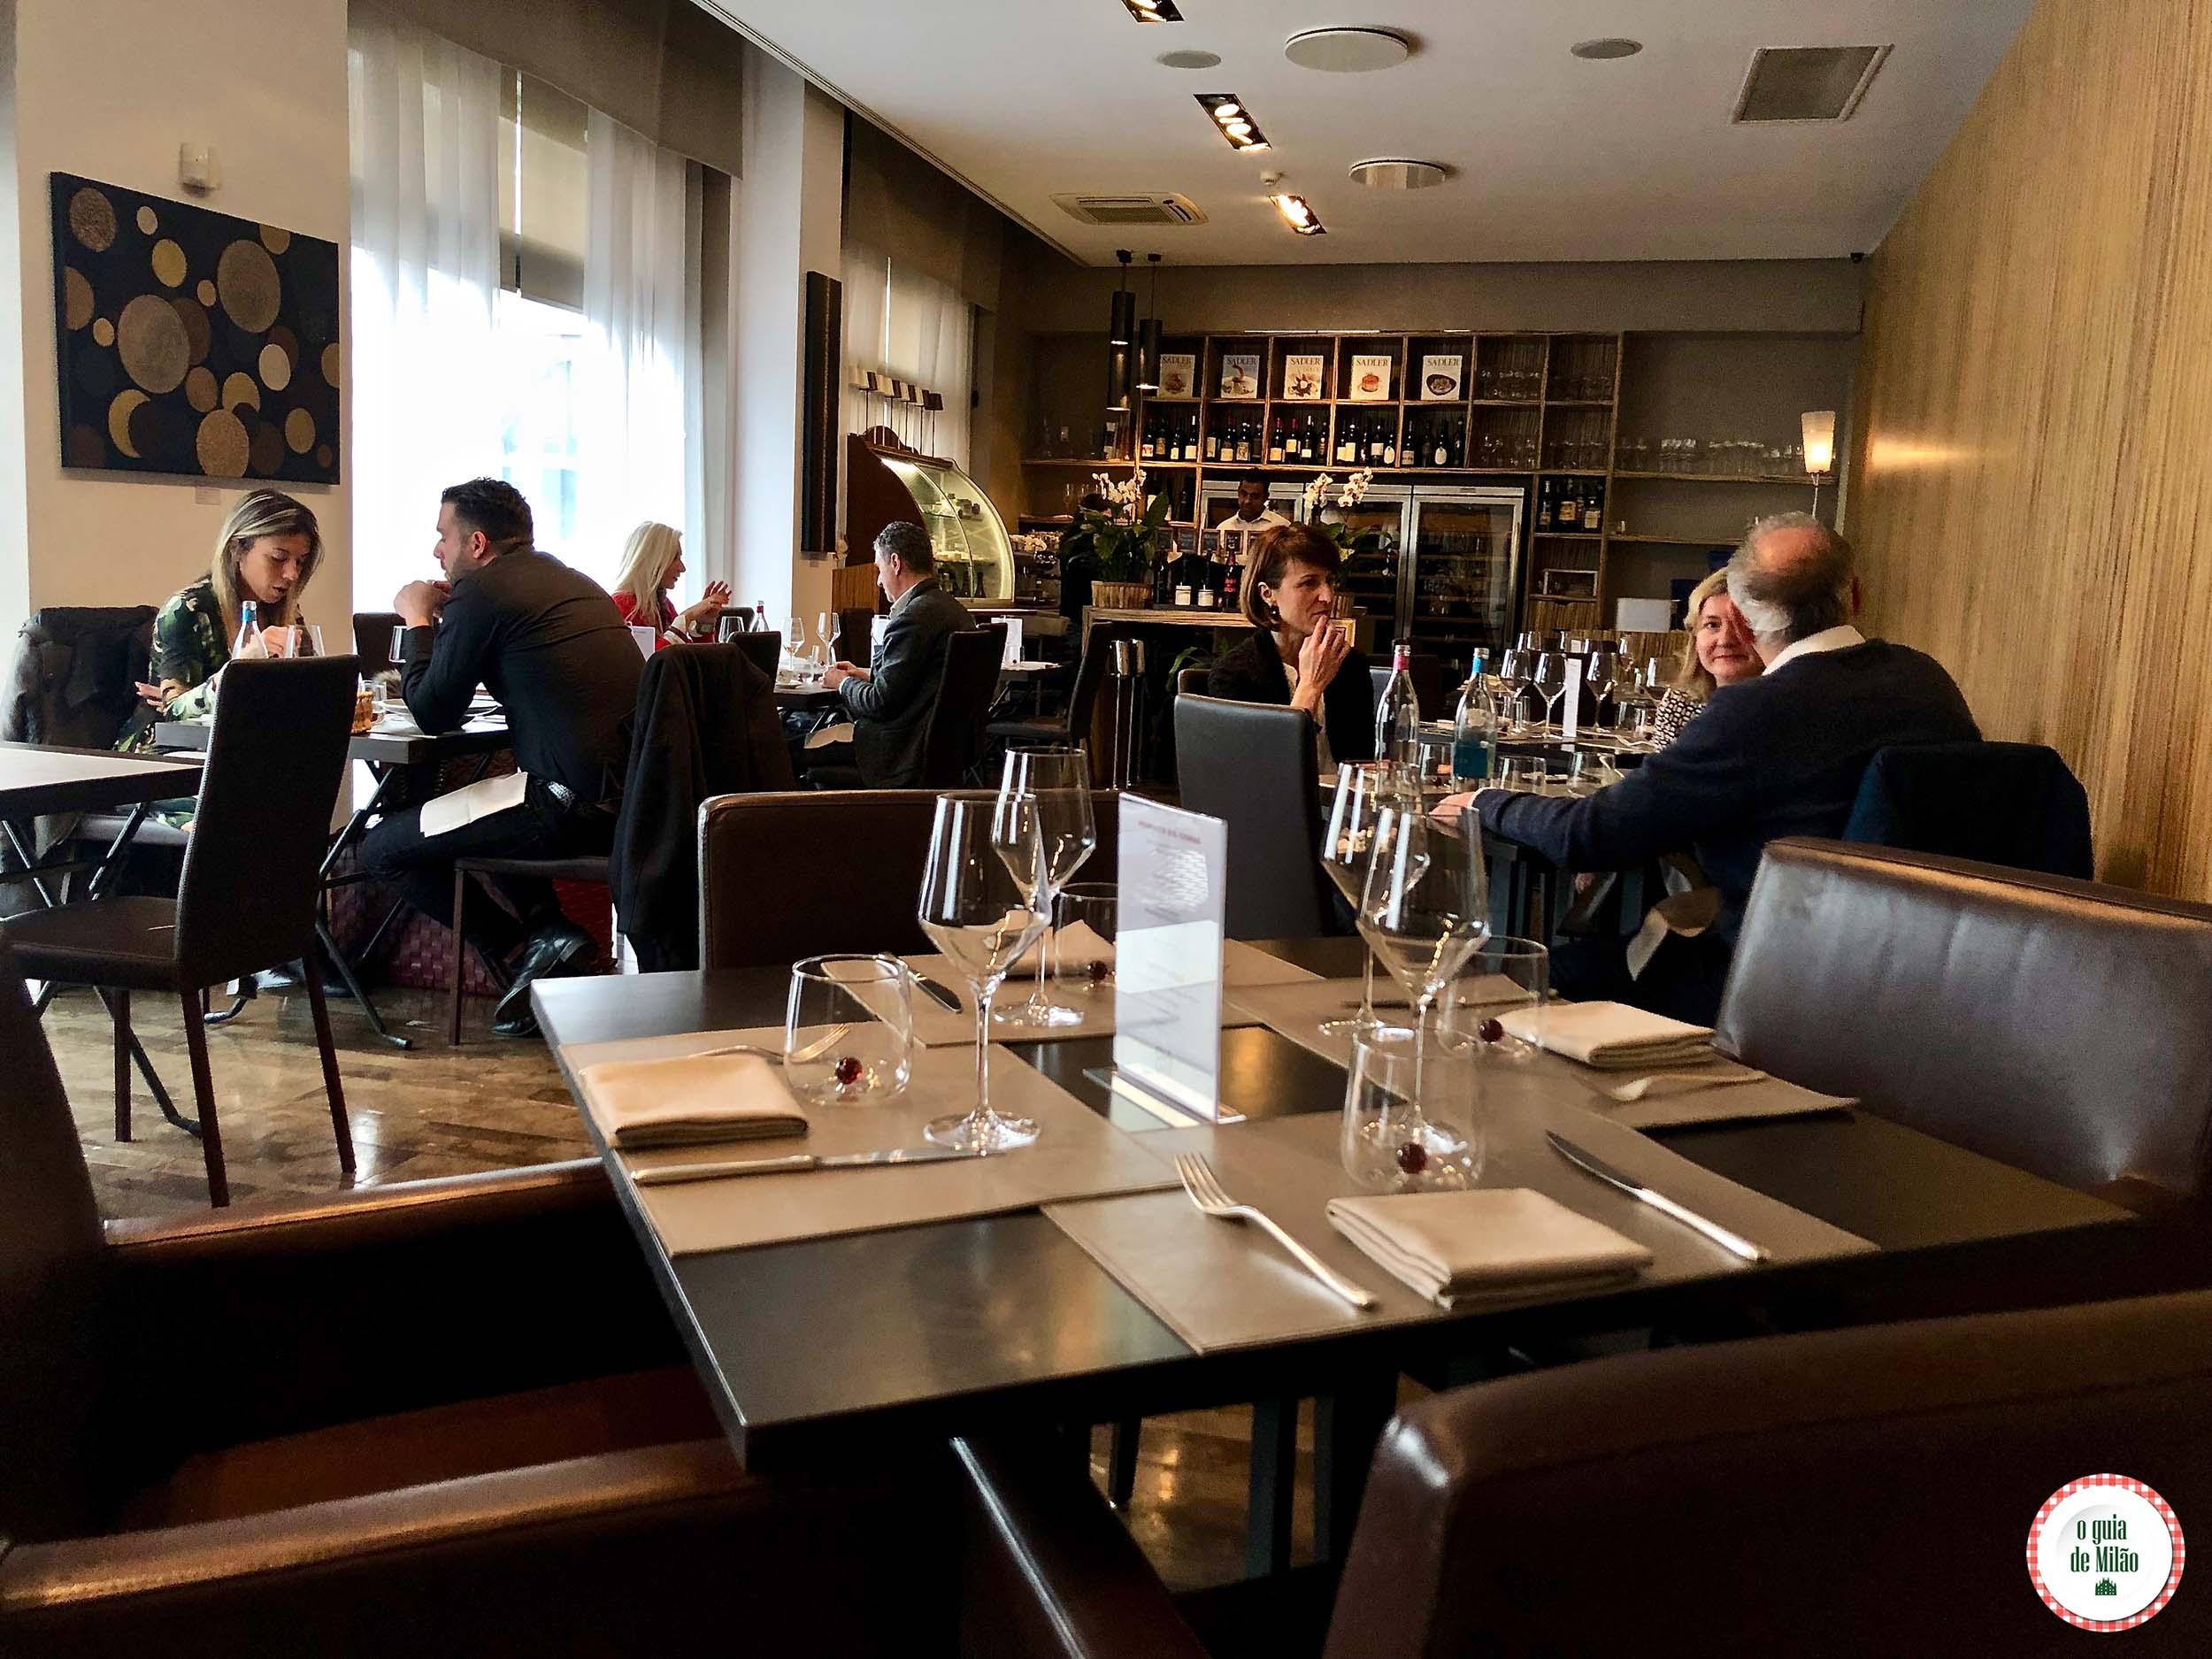 Chic'n Quick: o restaurante econômico do chefe Sadler, 1 estrela Michelin, em Milão